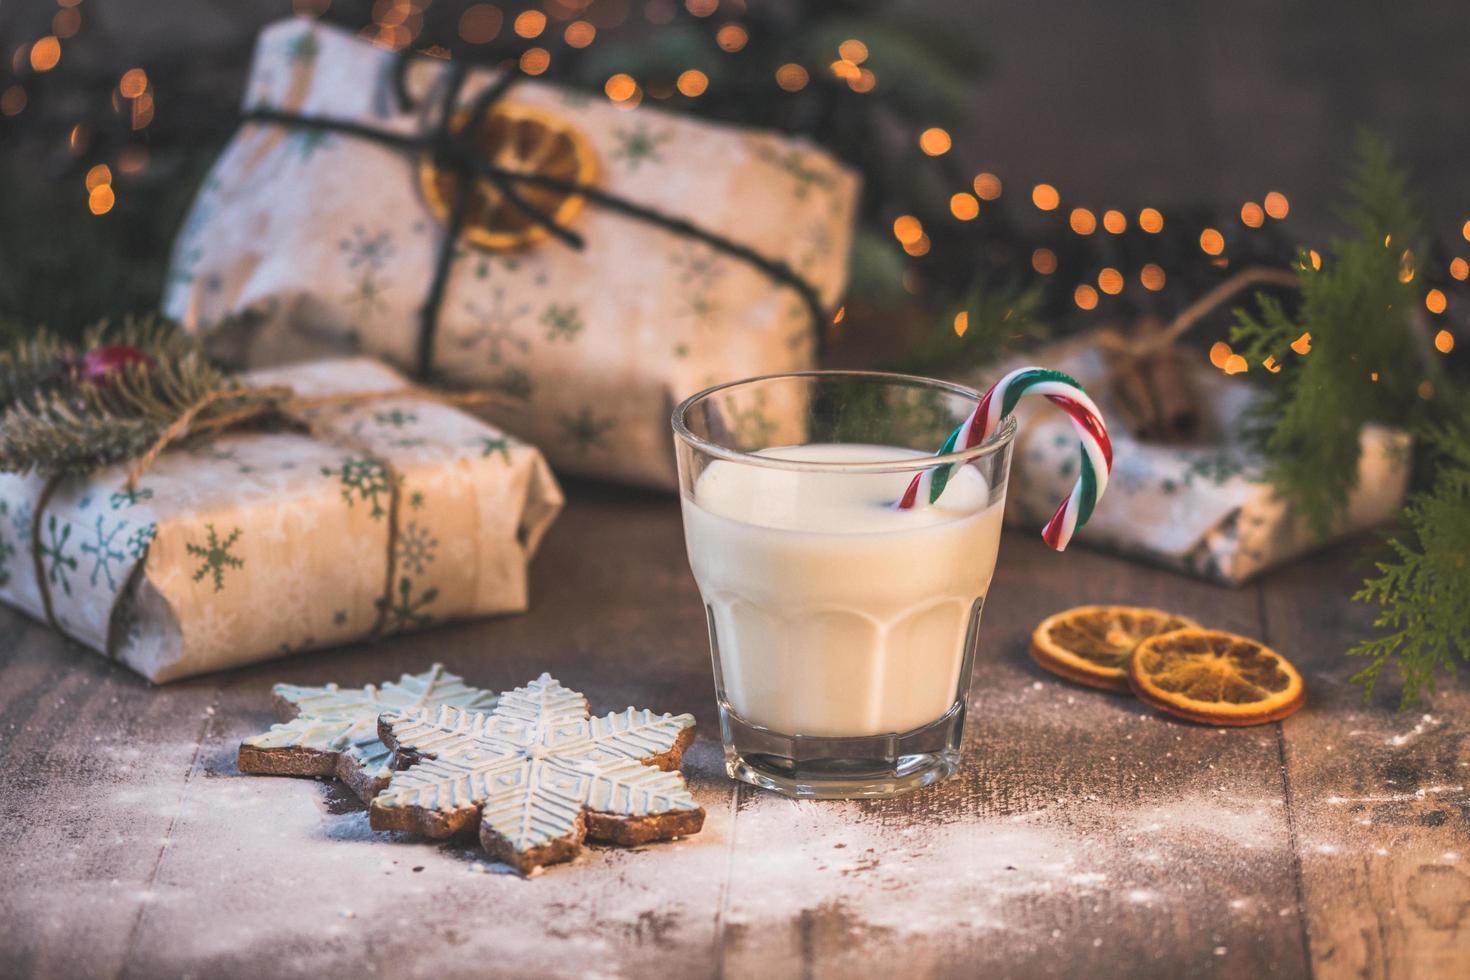 biscuits et lait de vacances d'hiver photo